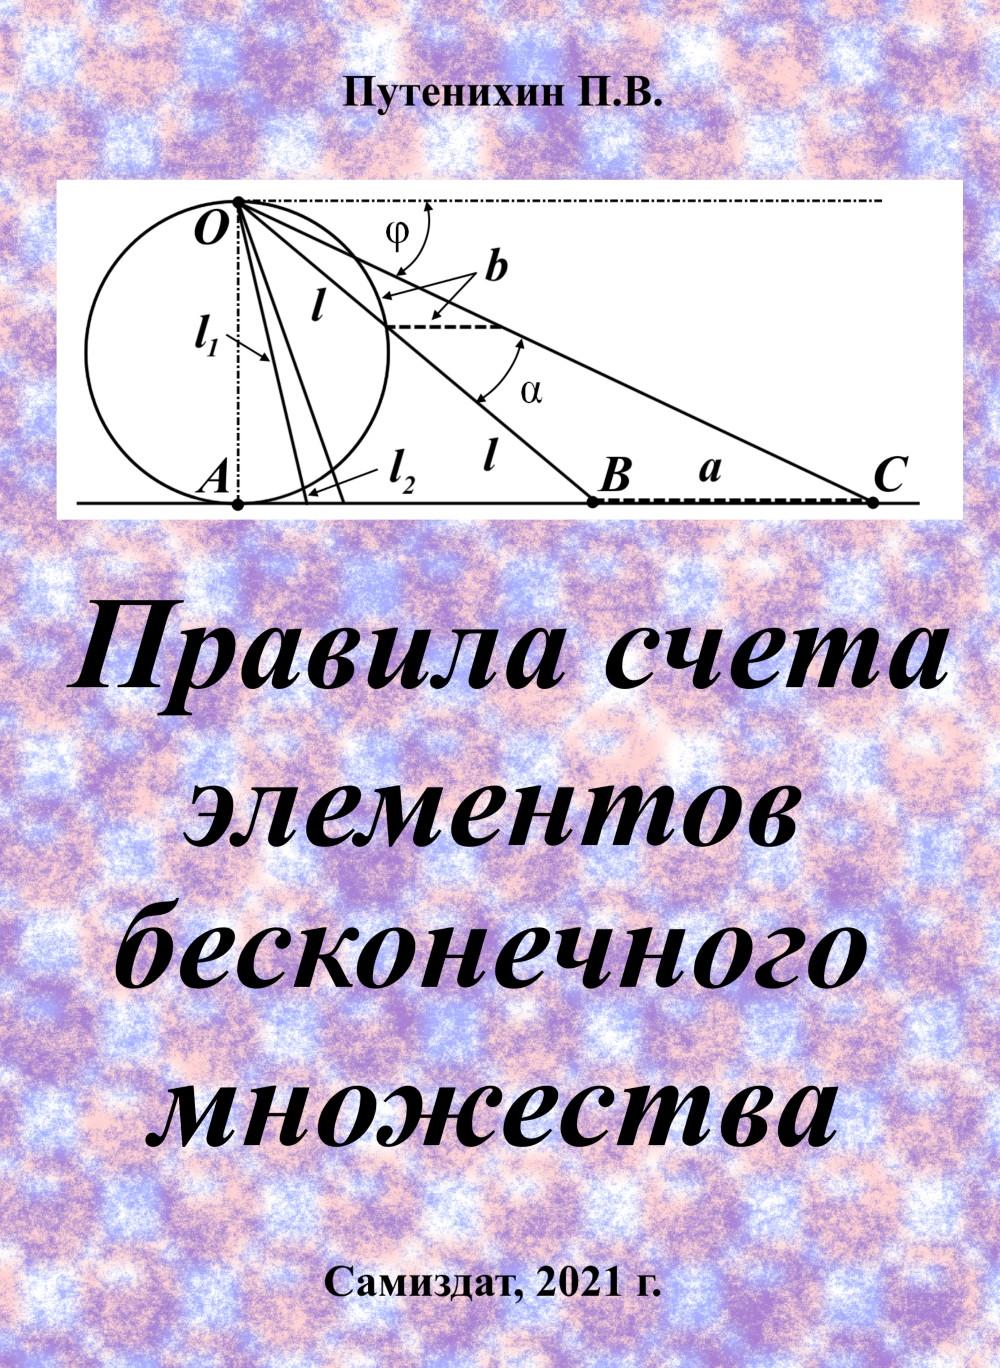 На фото: Путенихин П.В. Правила счета элементов бесконечного множества, автор: putenikhin